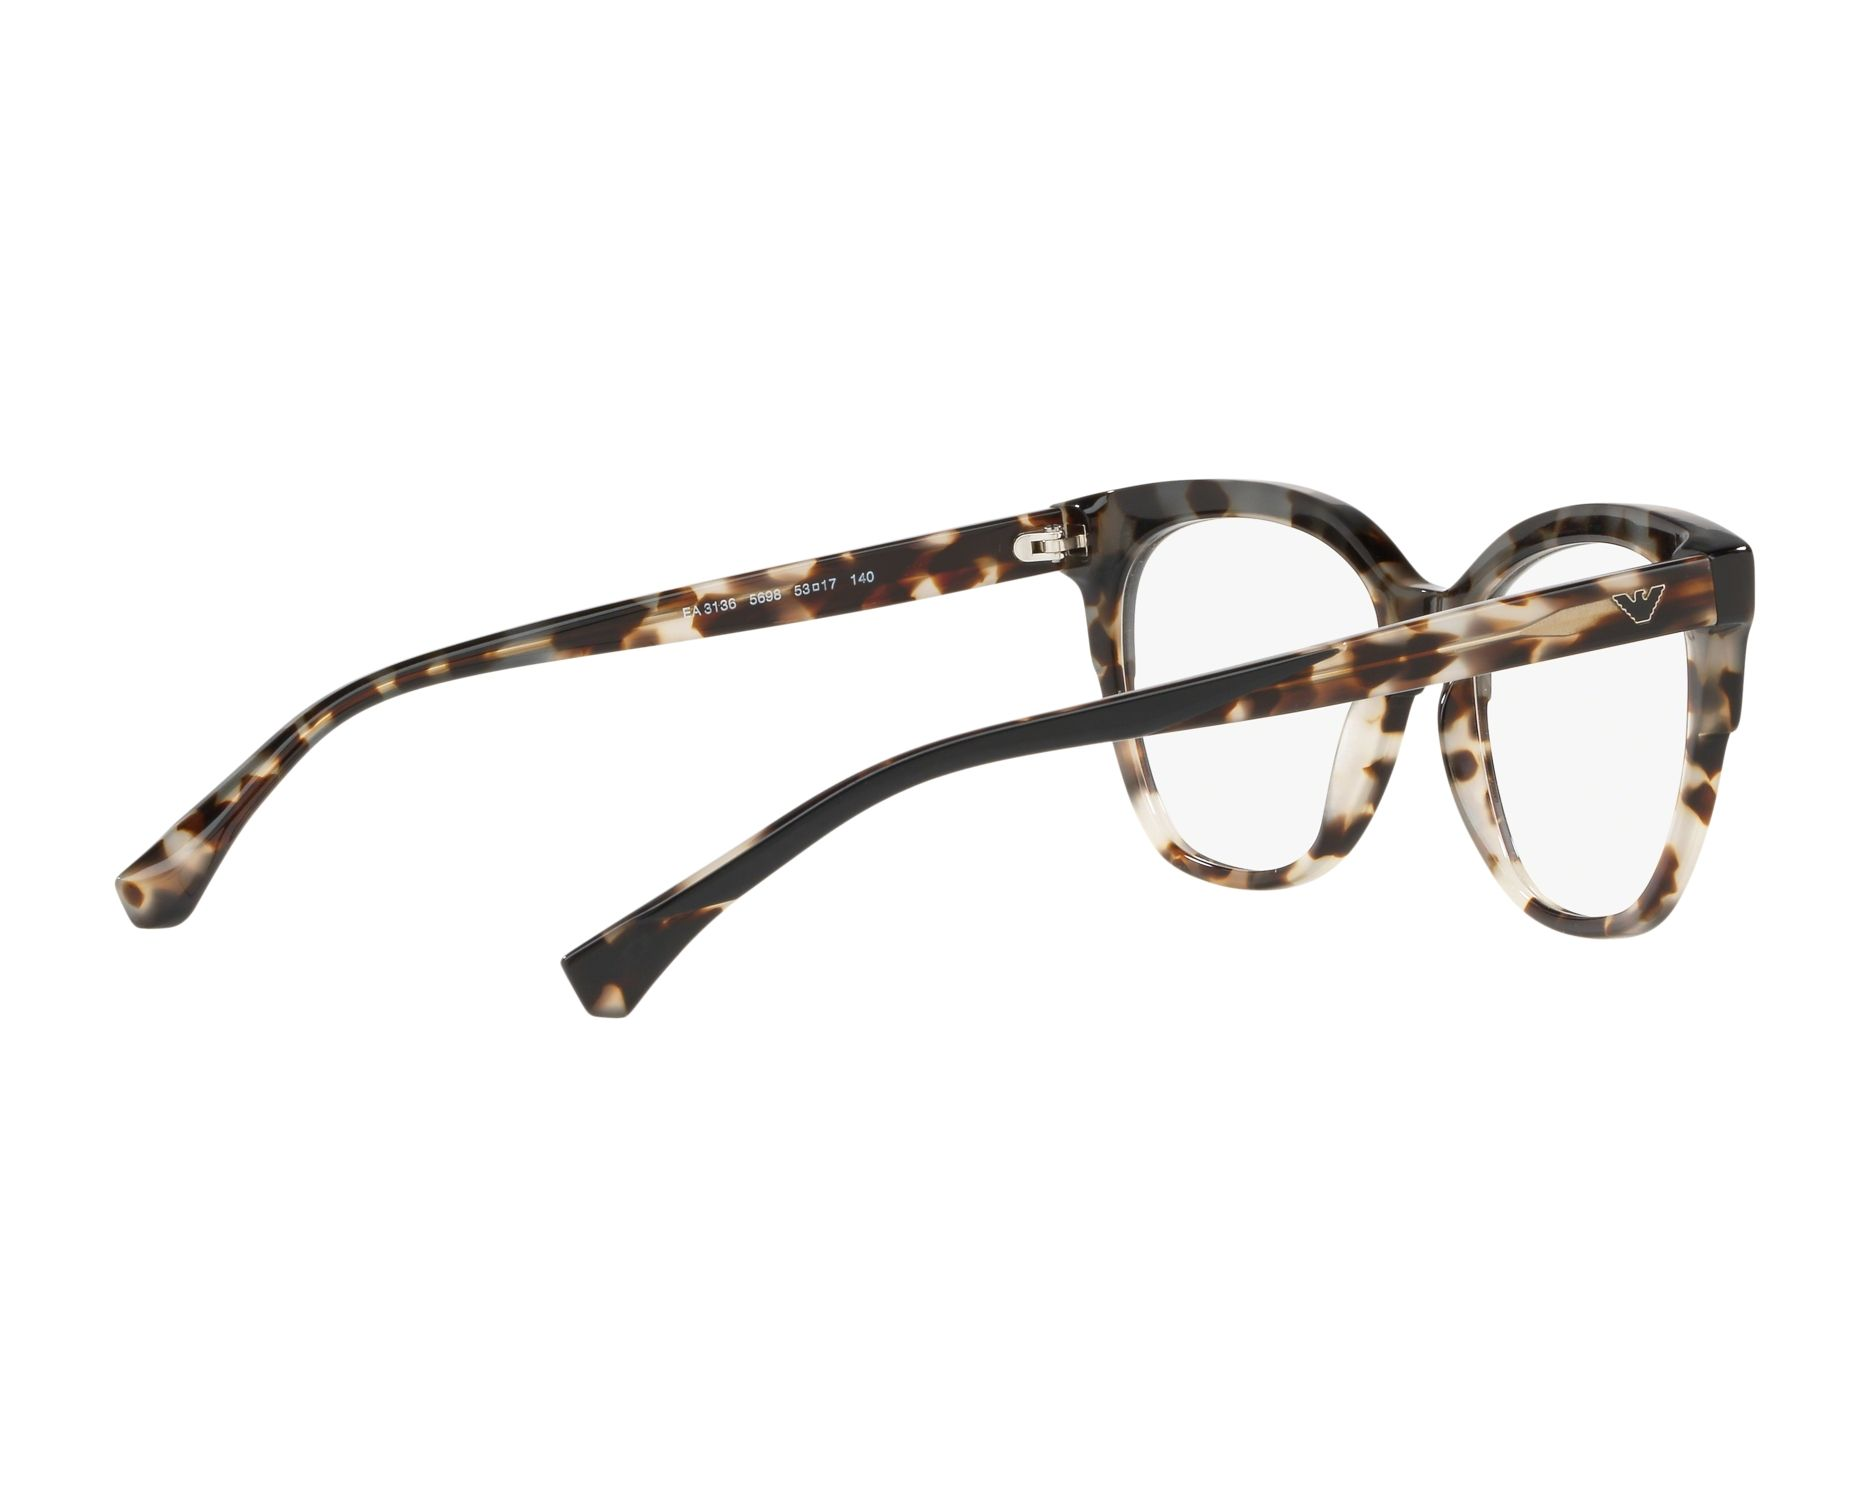 lunettes de vue de emporio armani en ea 3136 5698